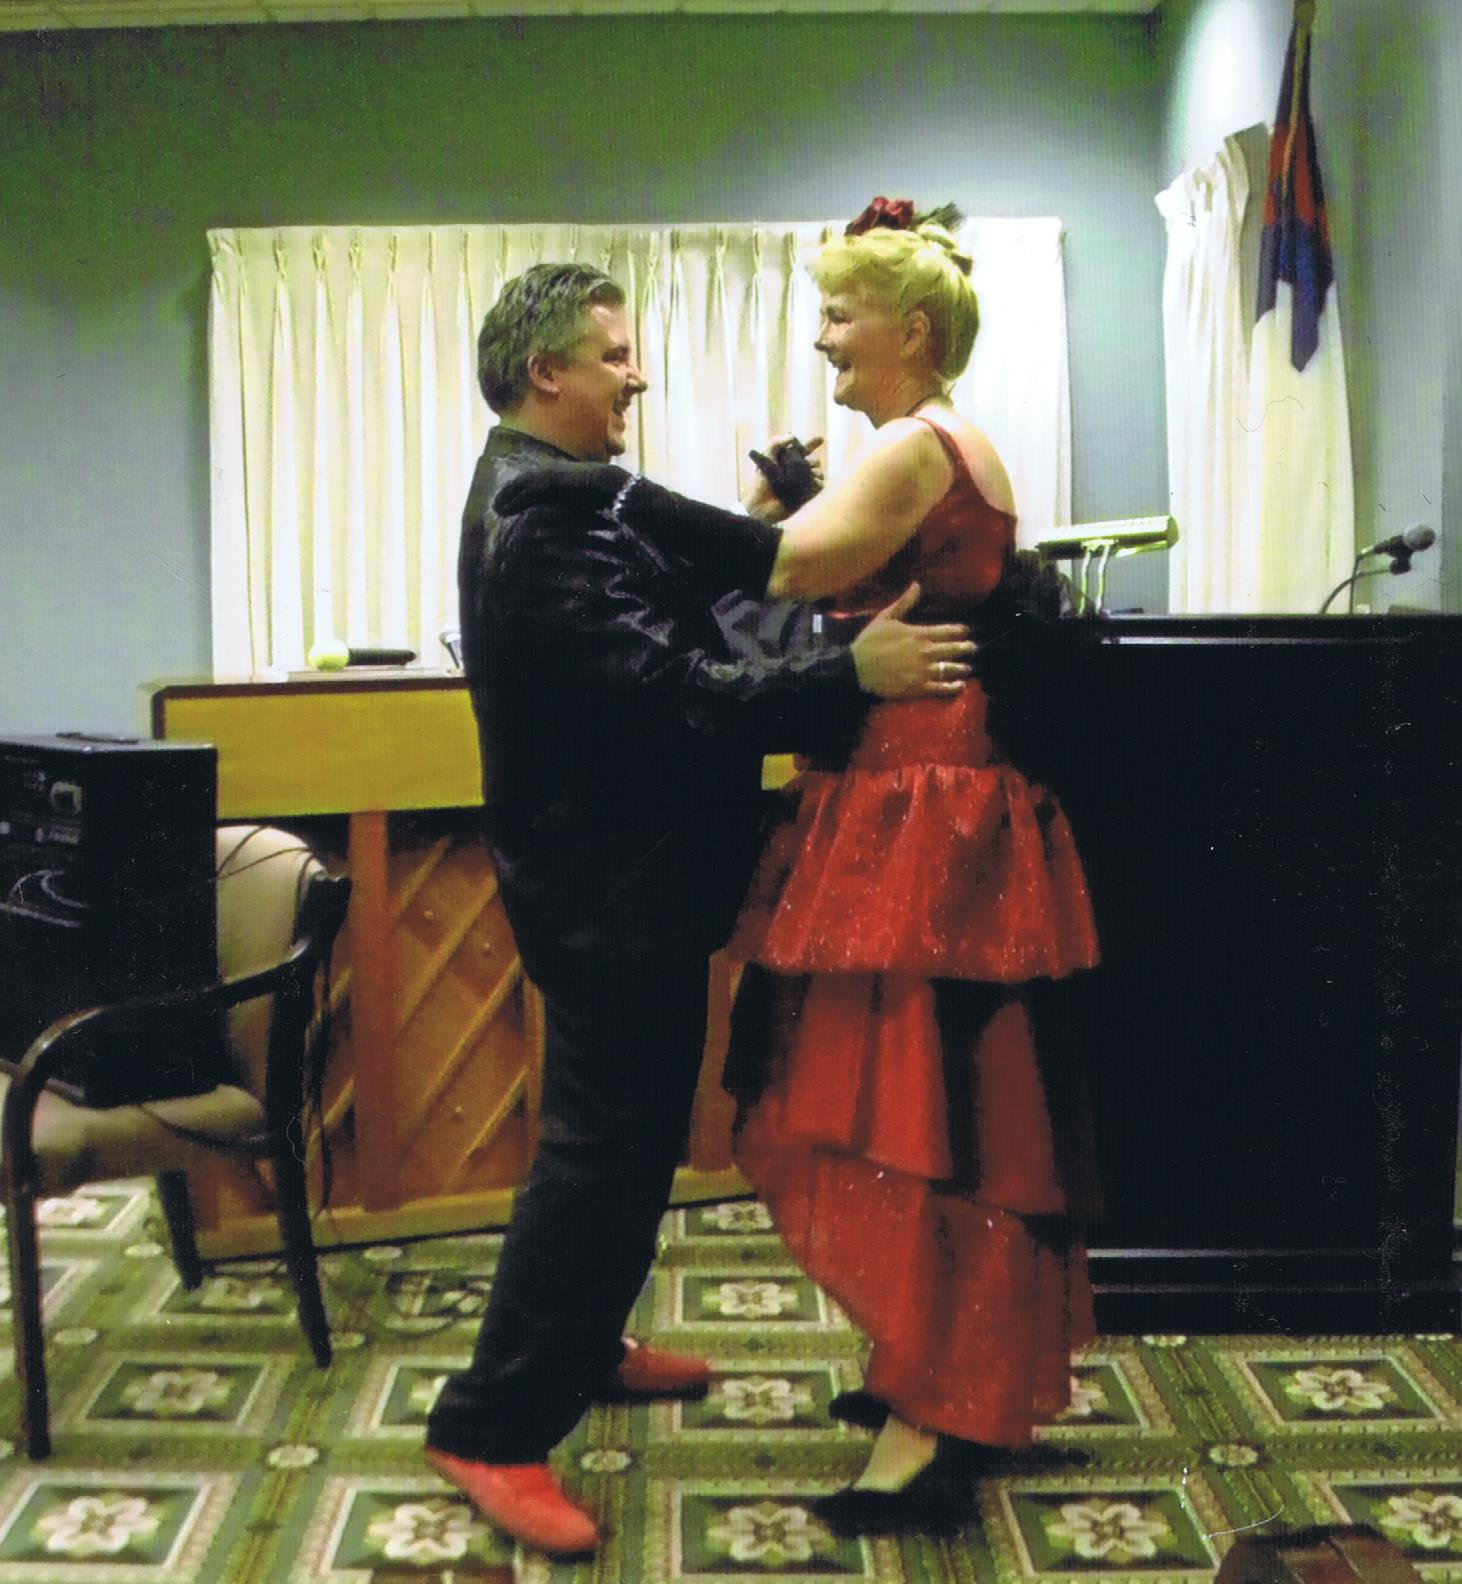 Jan and David Dancing 001